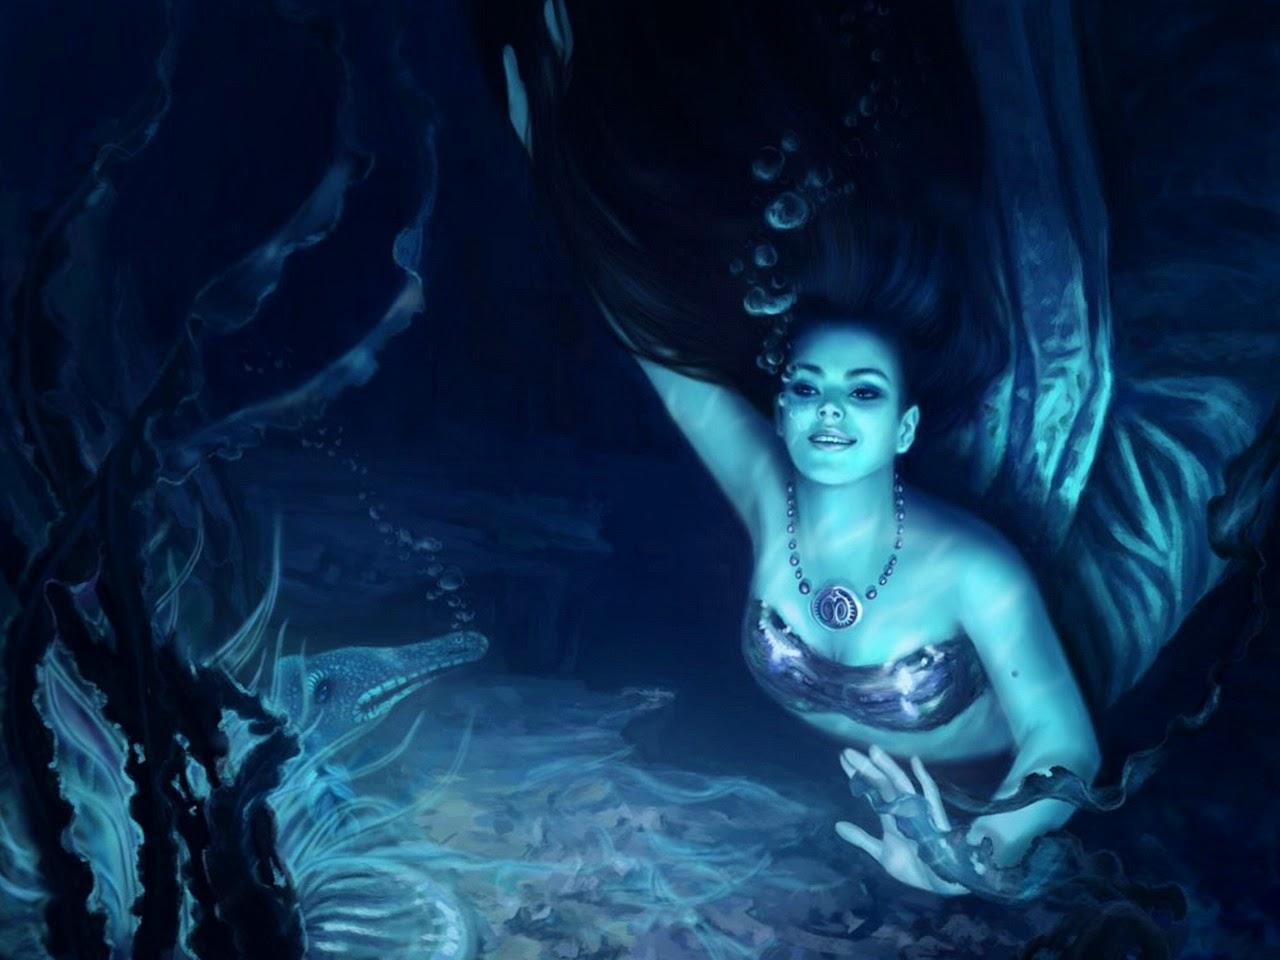 Mermaid Wallpapers Mermaid Backgrounds Mermaid Images